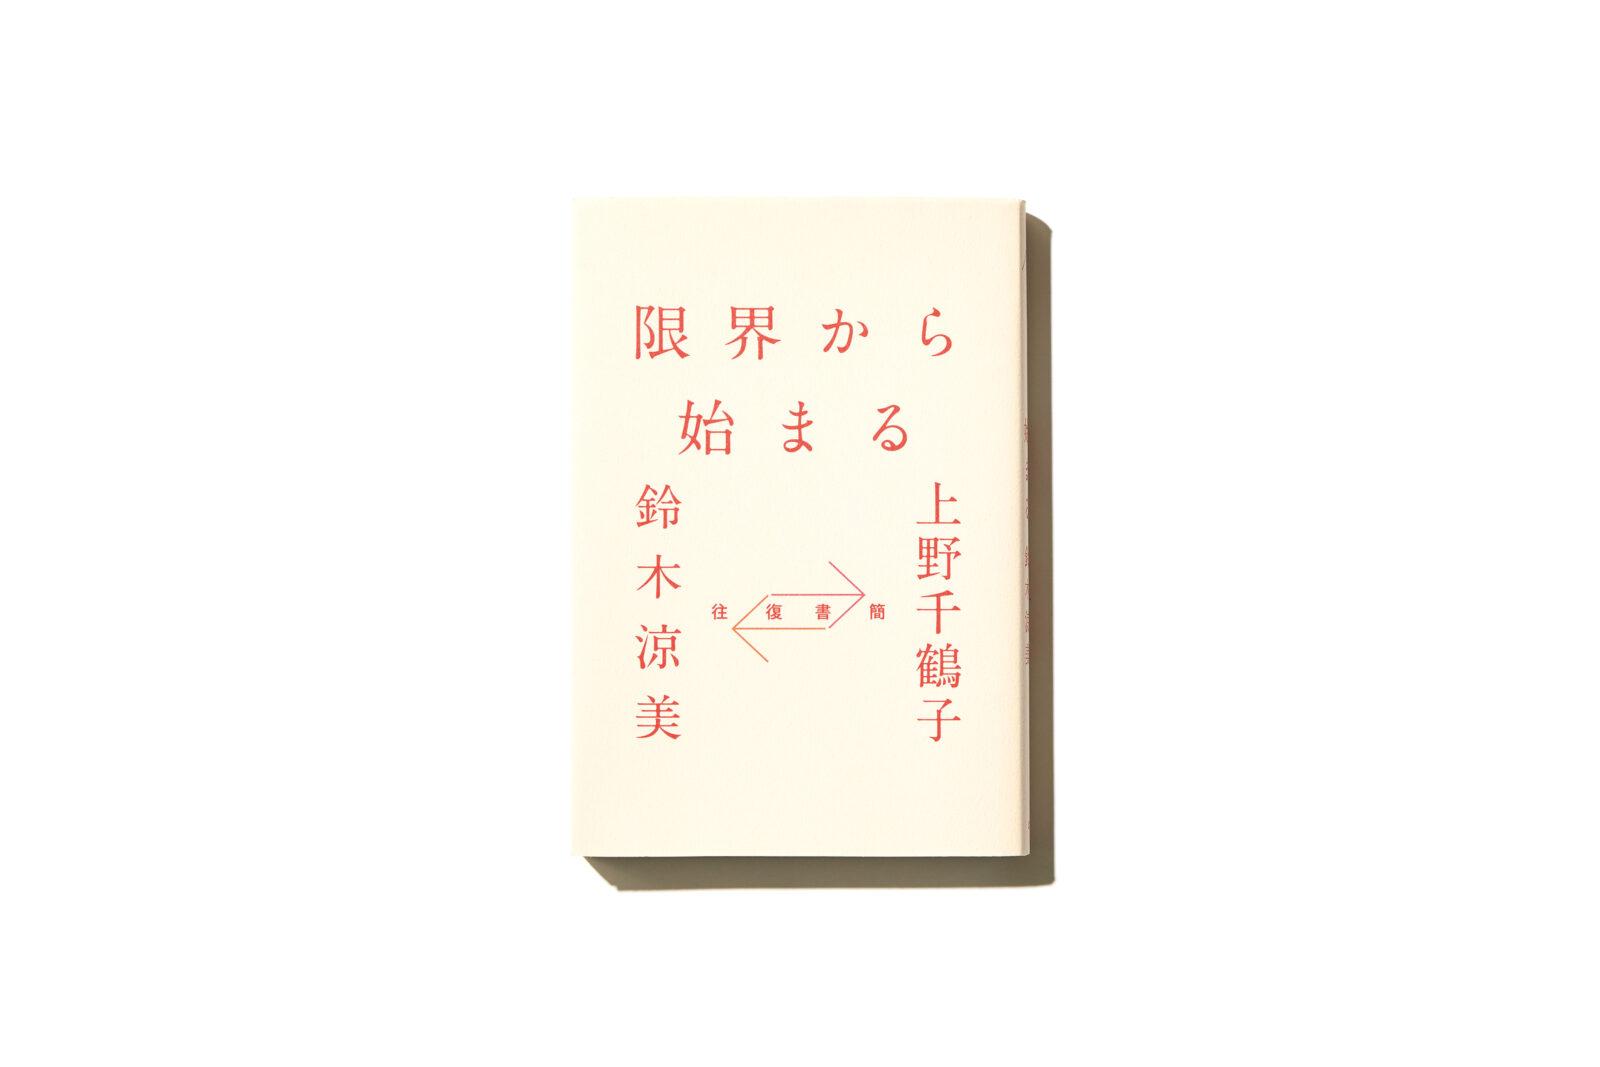 限界から始まる 上野千鶴子/鈴木涼美